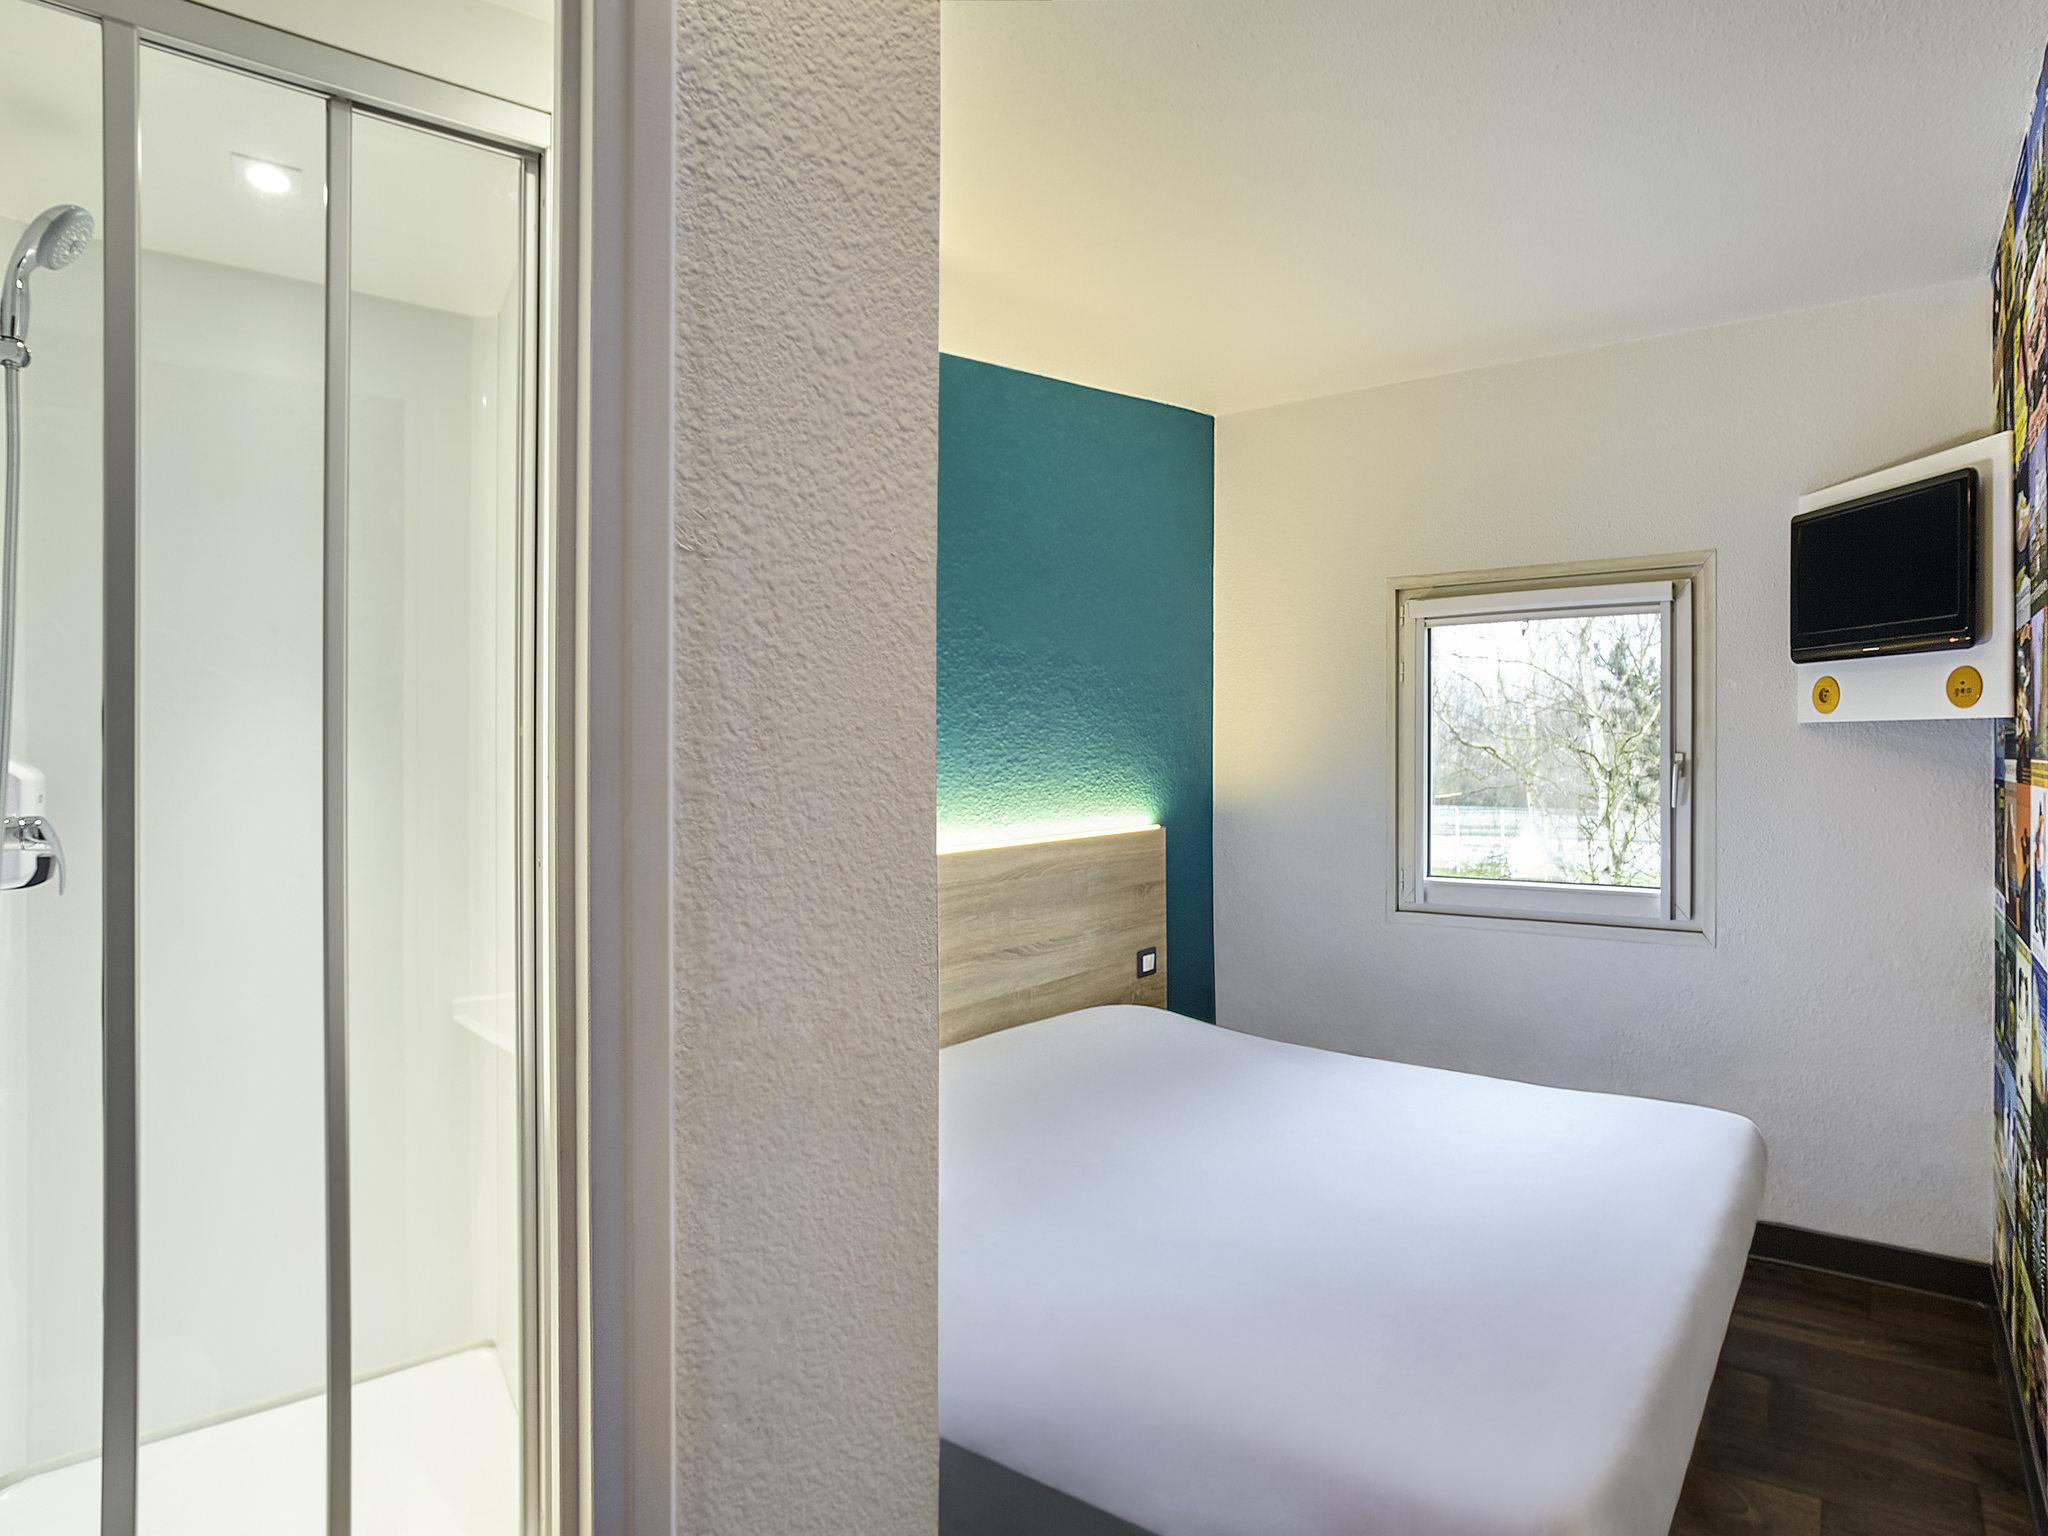 فندق - hotelF1 Lille Métropole (Métro Mons Sarts) (rénové)